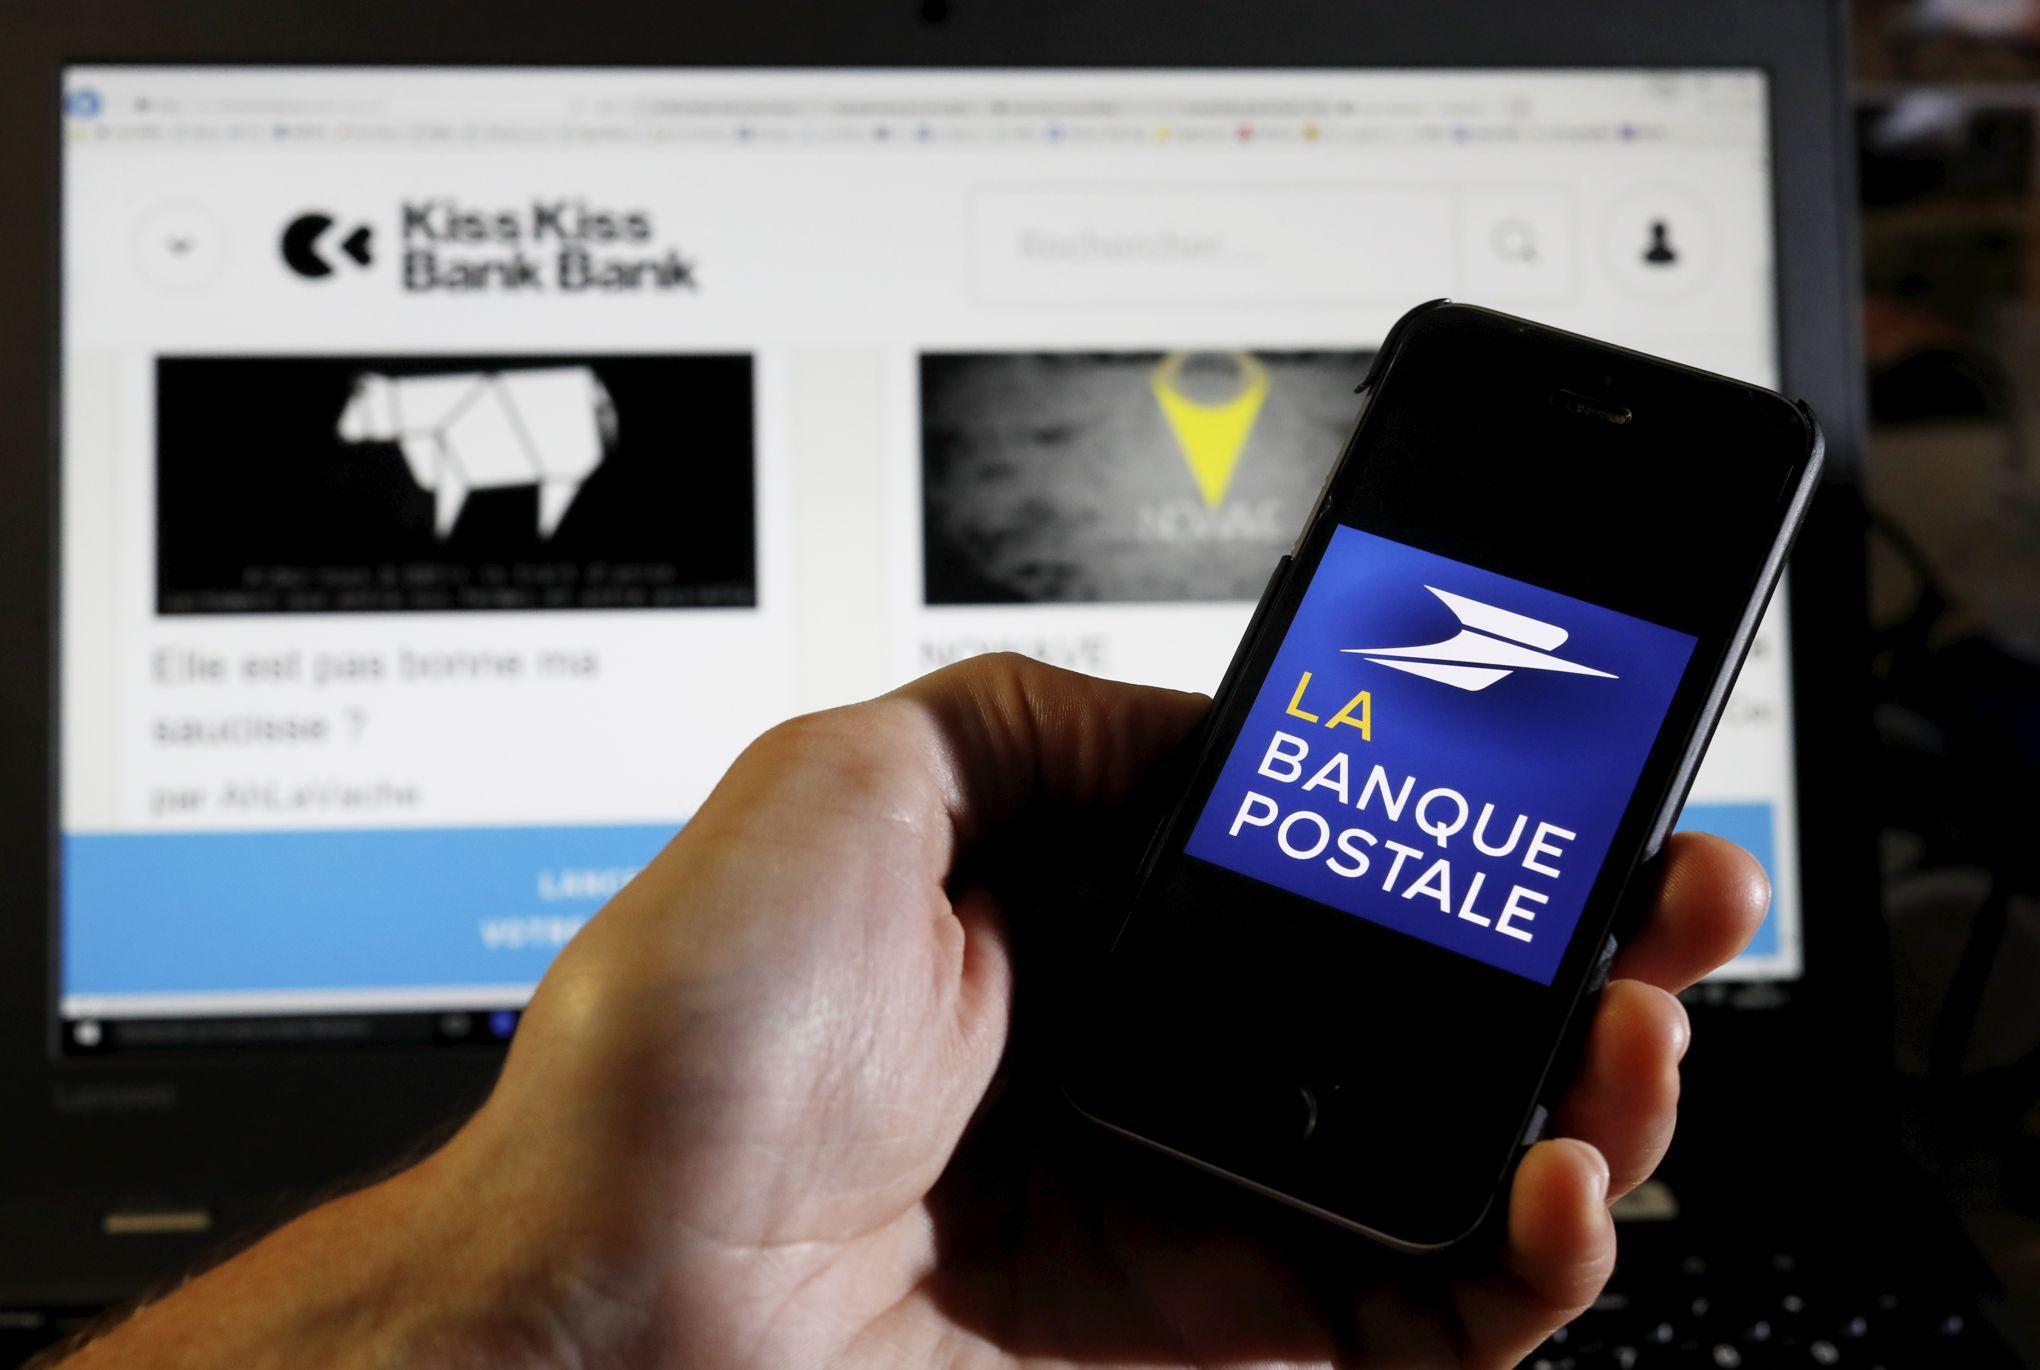 installer banque postale